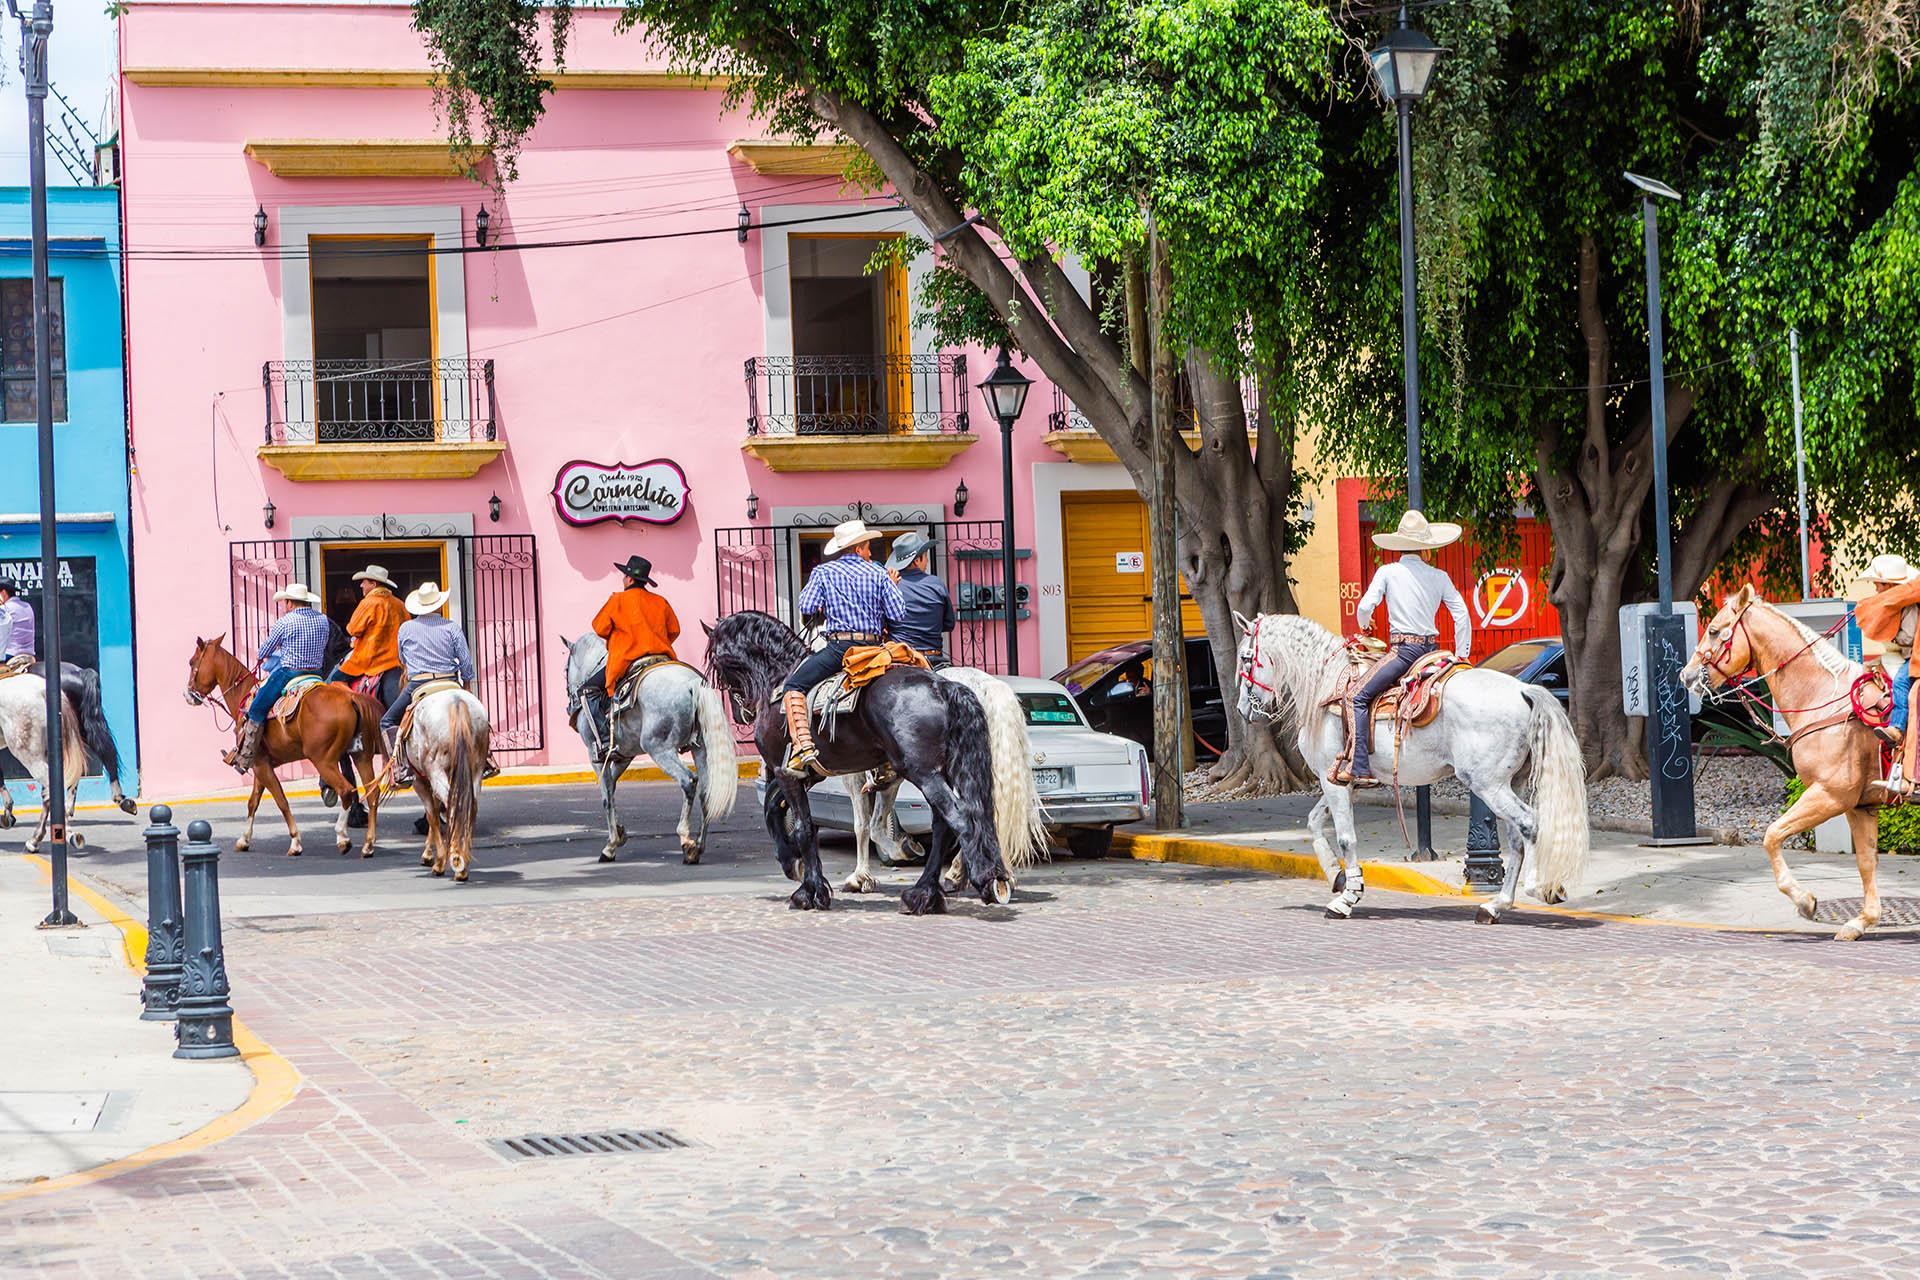 El tranquilo barrio de Jalatlaco alberga la sencilla iglesia de piedra de San Matías Jalatlaco, que data del siglo XVIII. Las calles empedradas de la zona tienen mucho encanto y están repletas de coloridas fachadas y tiendas donde se venden productos orgánicos y chocolates